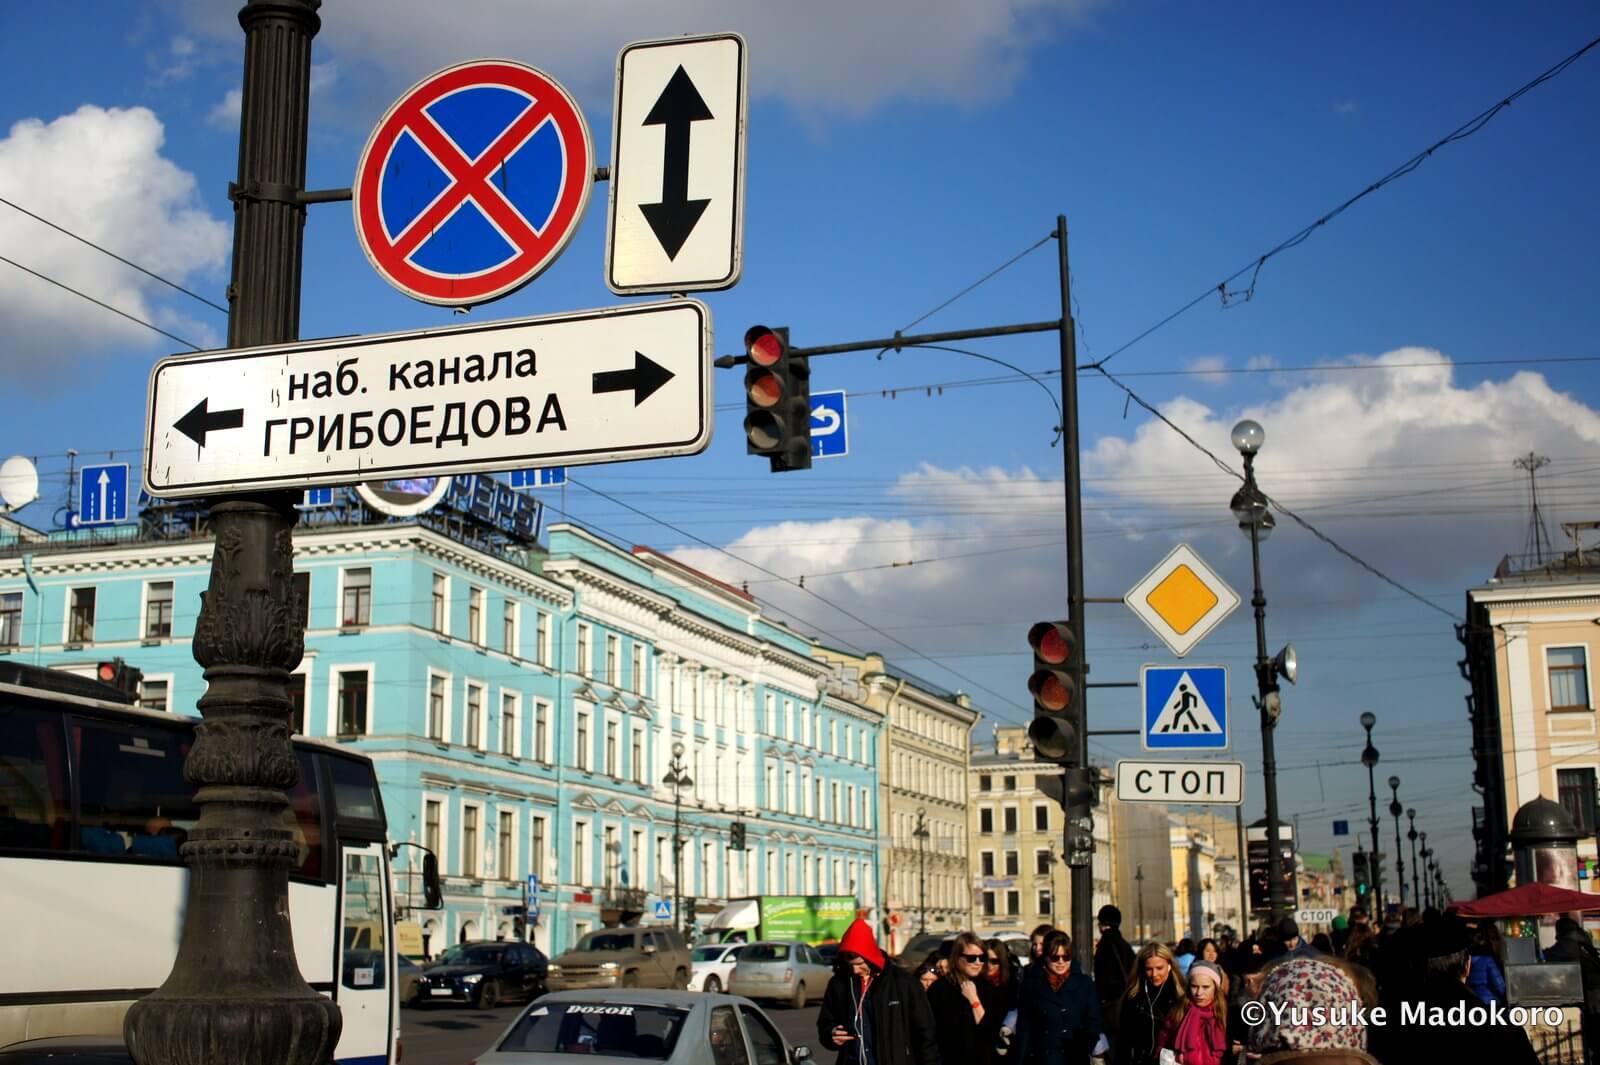 サンクトペテルブルクの大通り